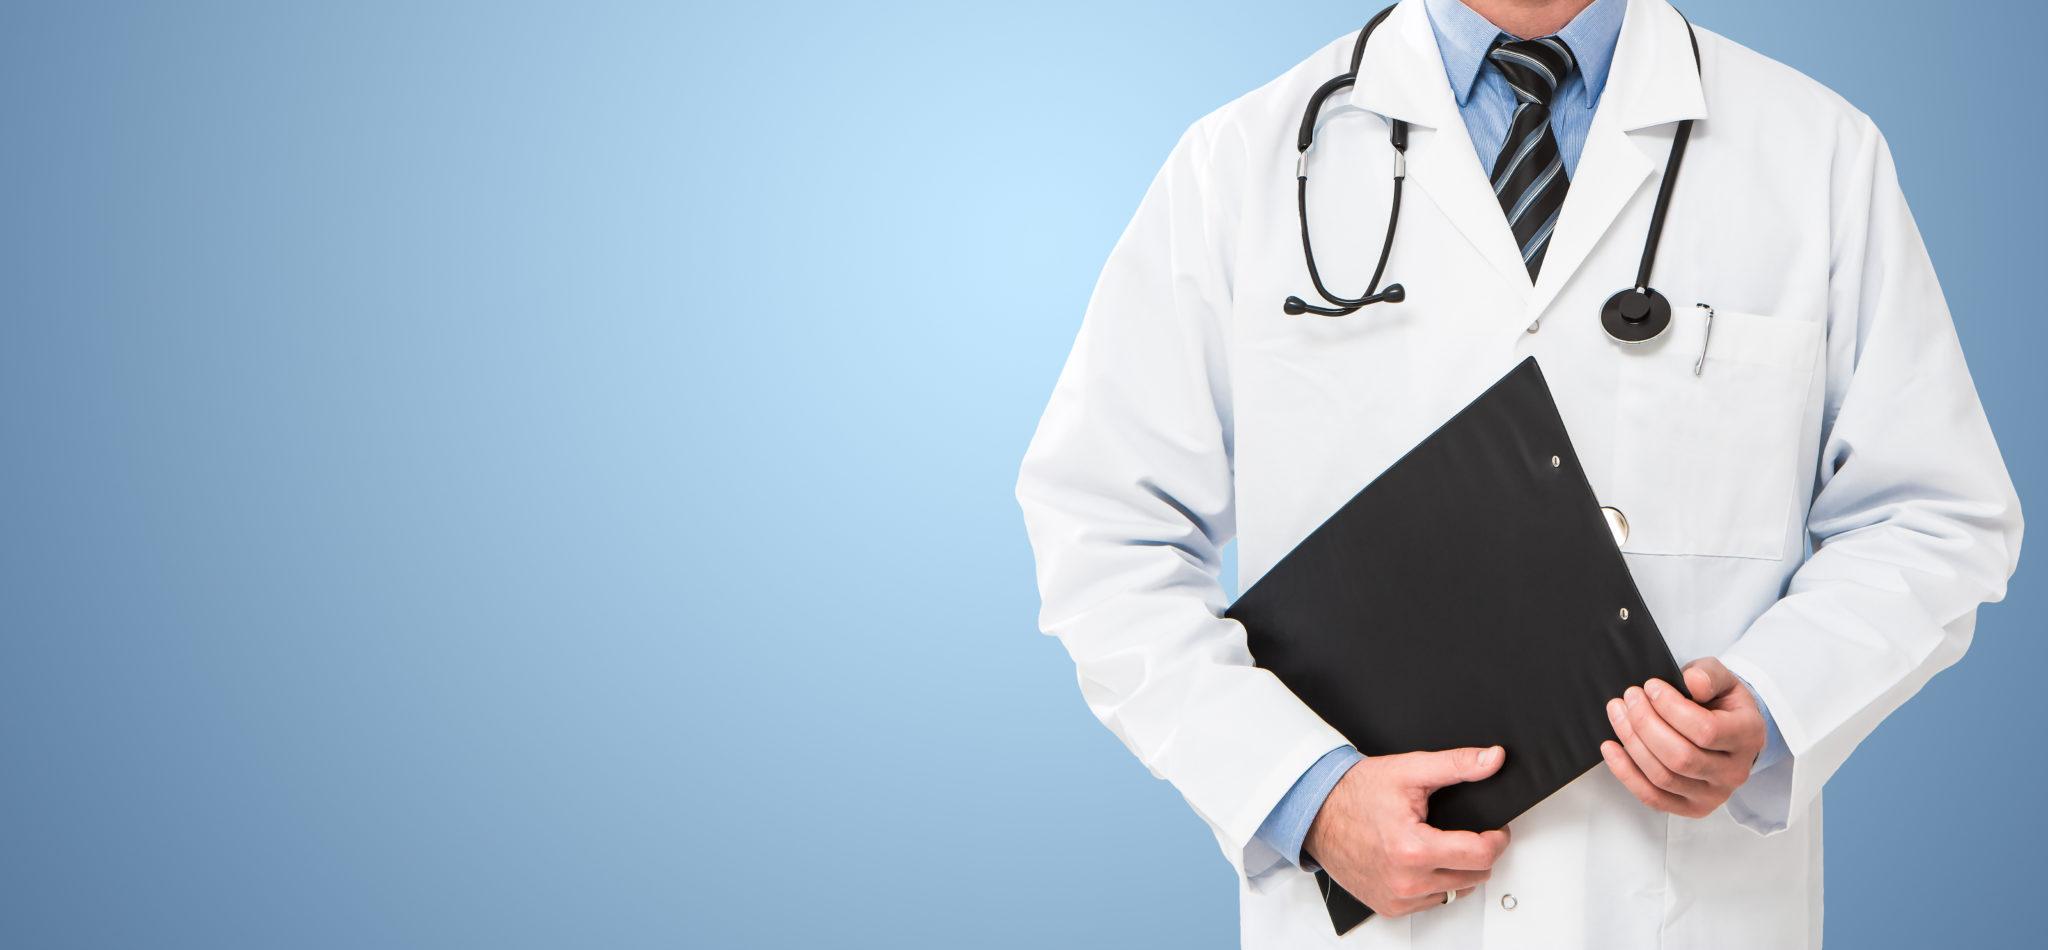 Les soins de santé ont enregistré les coûts de fuites de données les plus élevés, soit 429 dollars par dossier